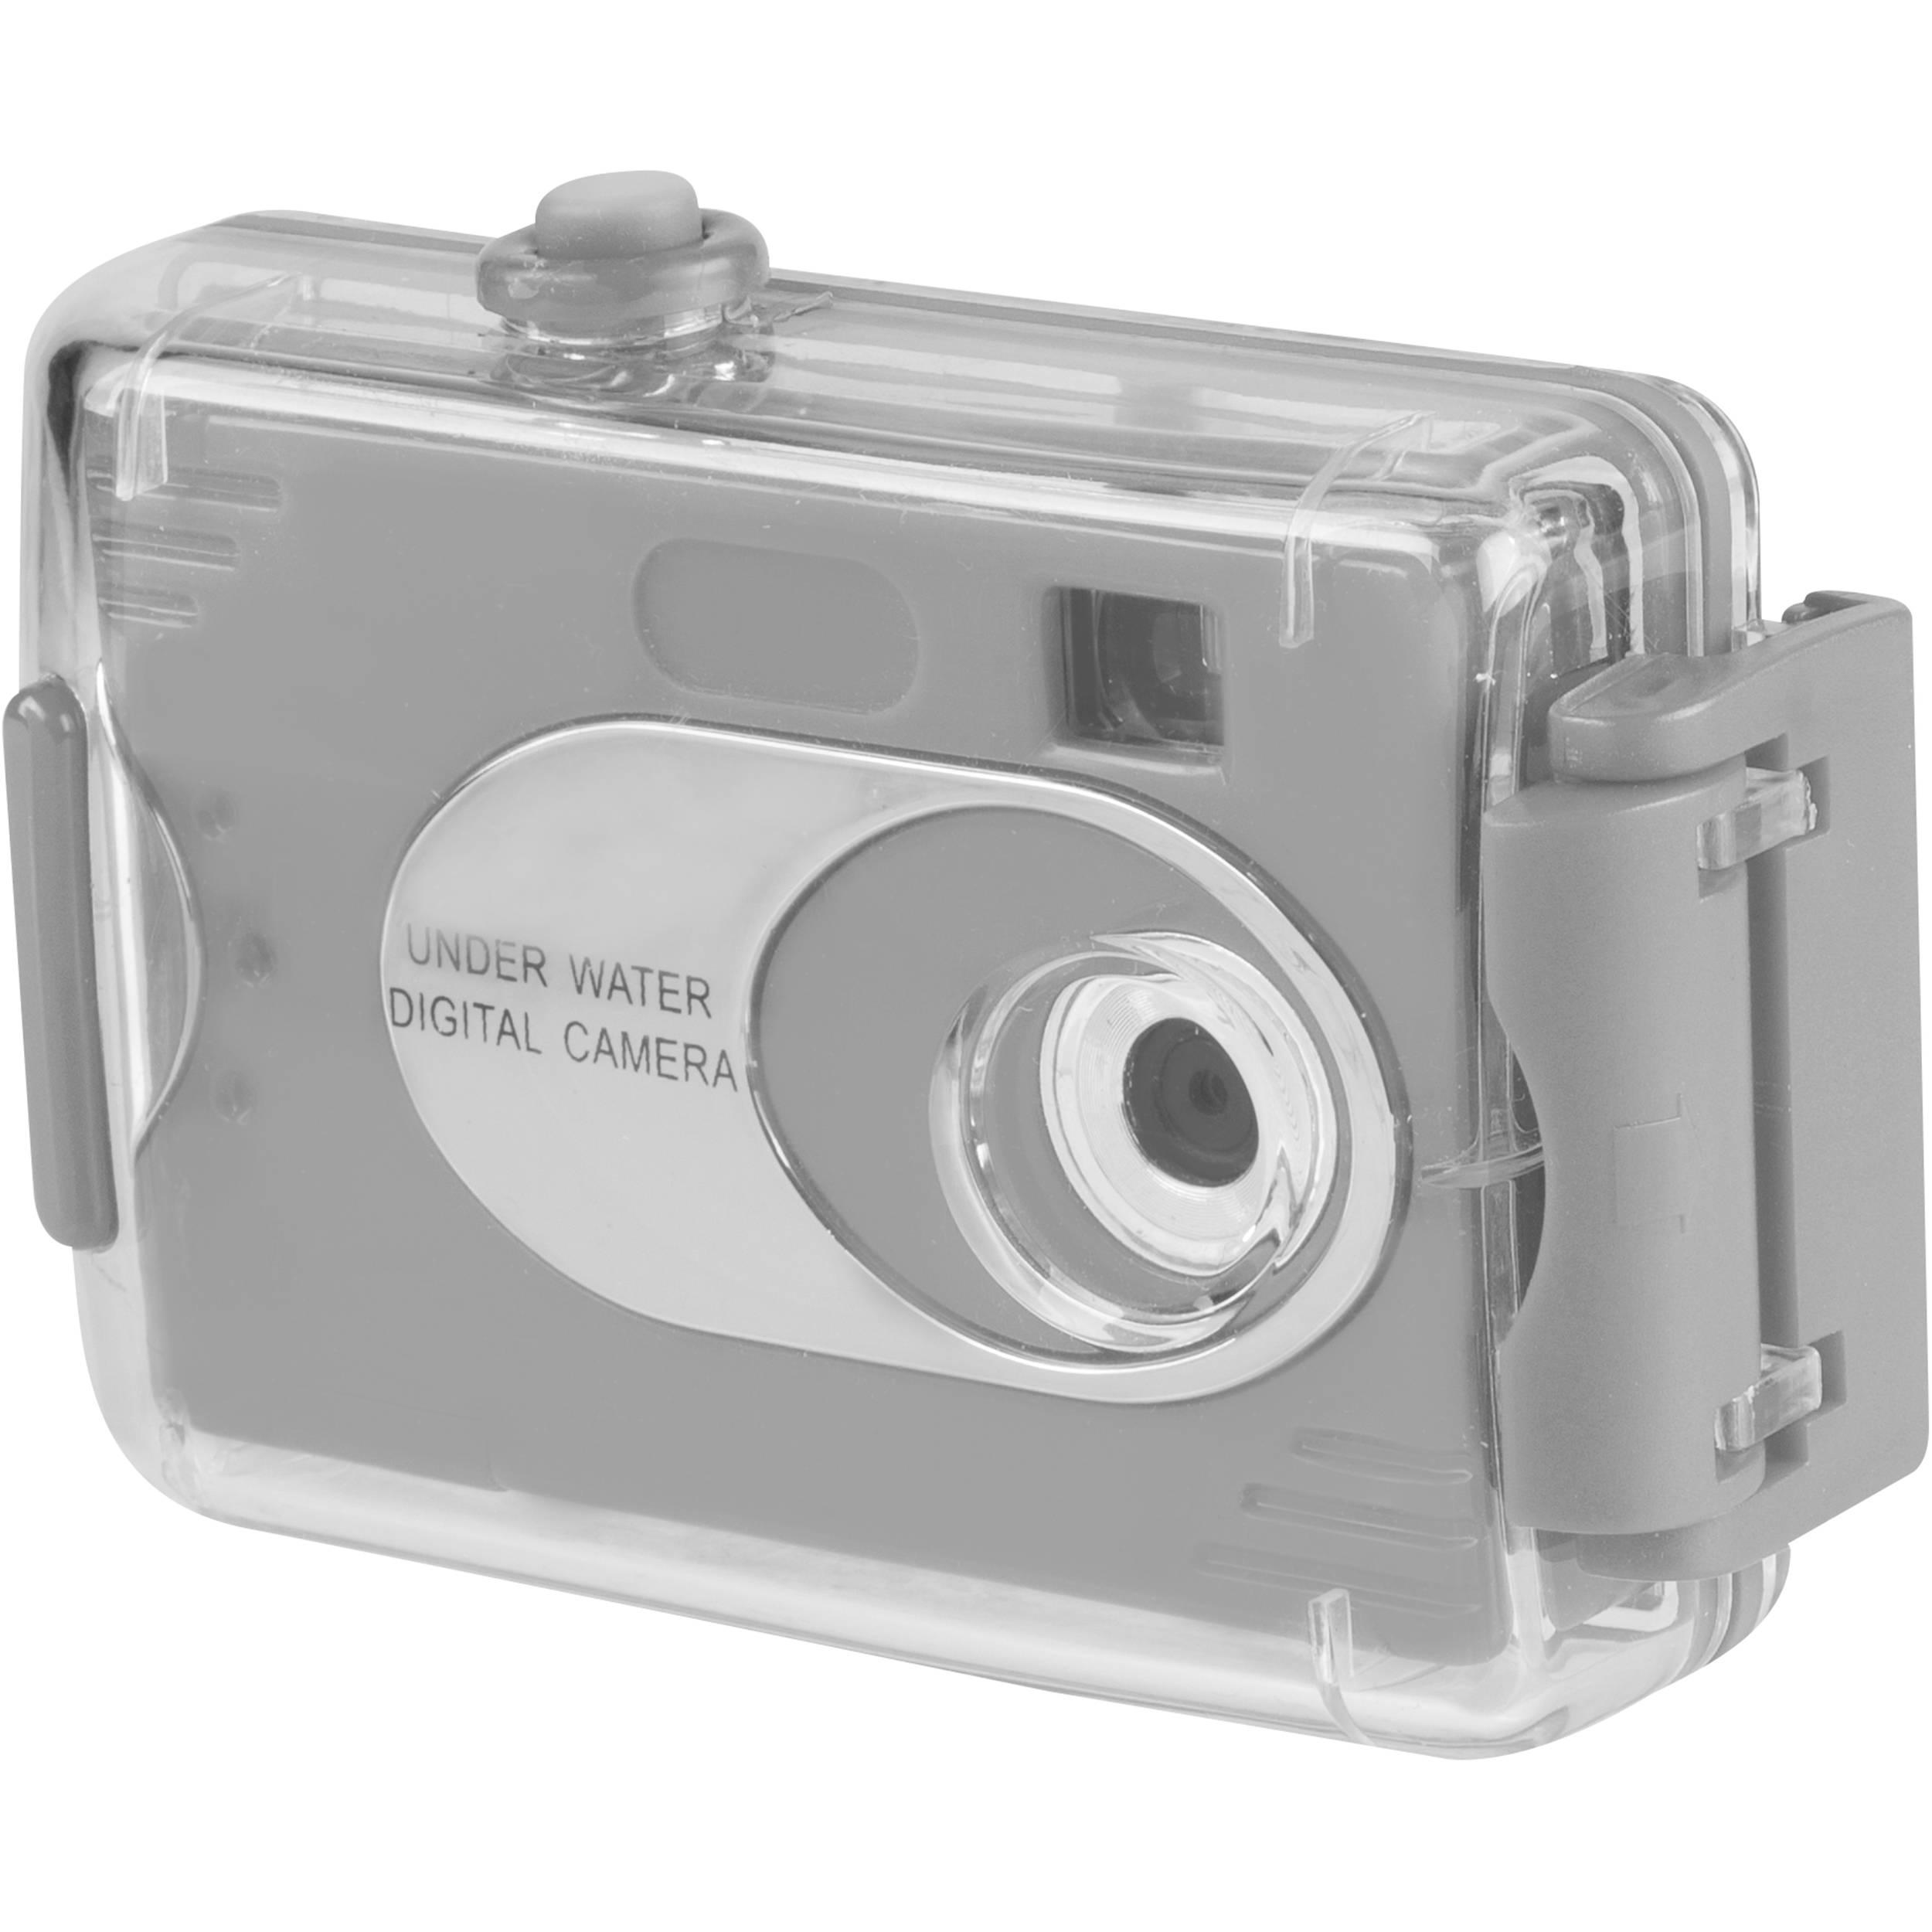 vivitar aquashot underwater digital camera review